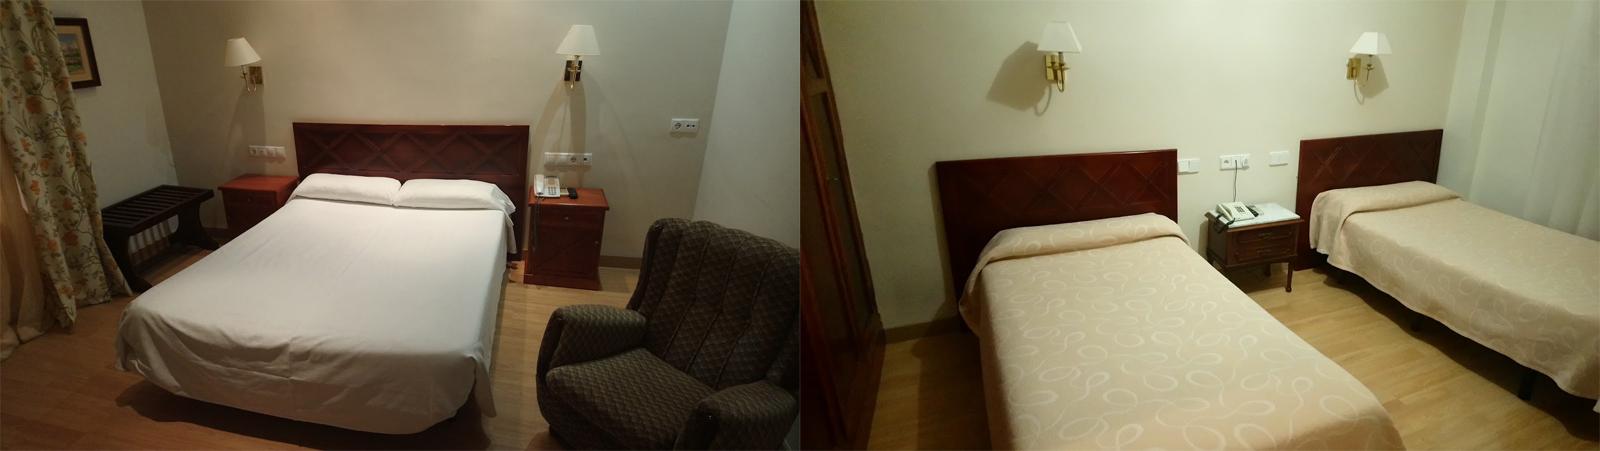 Habitación familiar en Valladolid